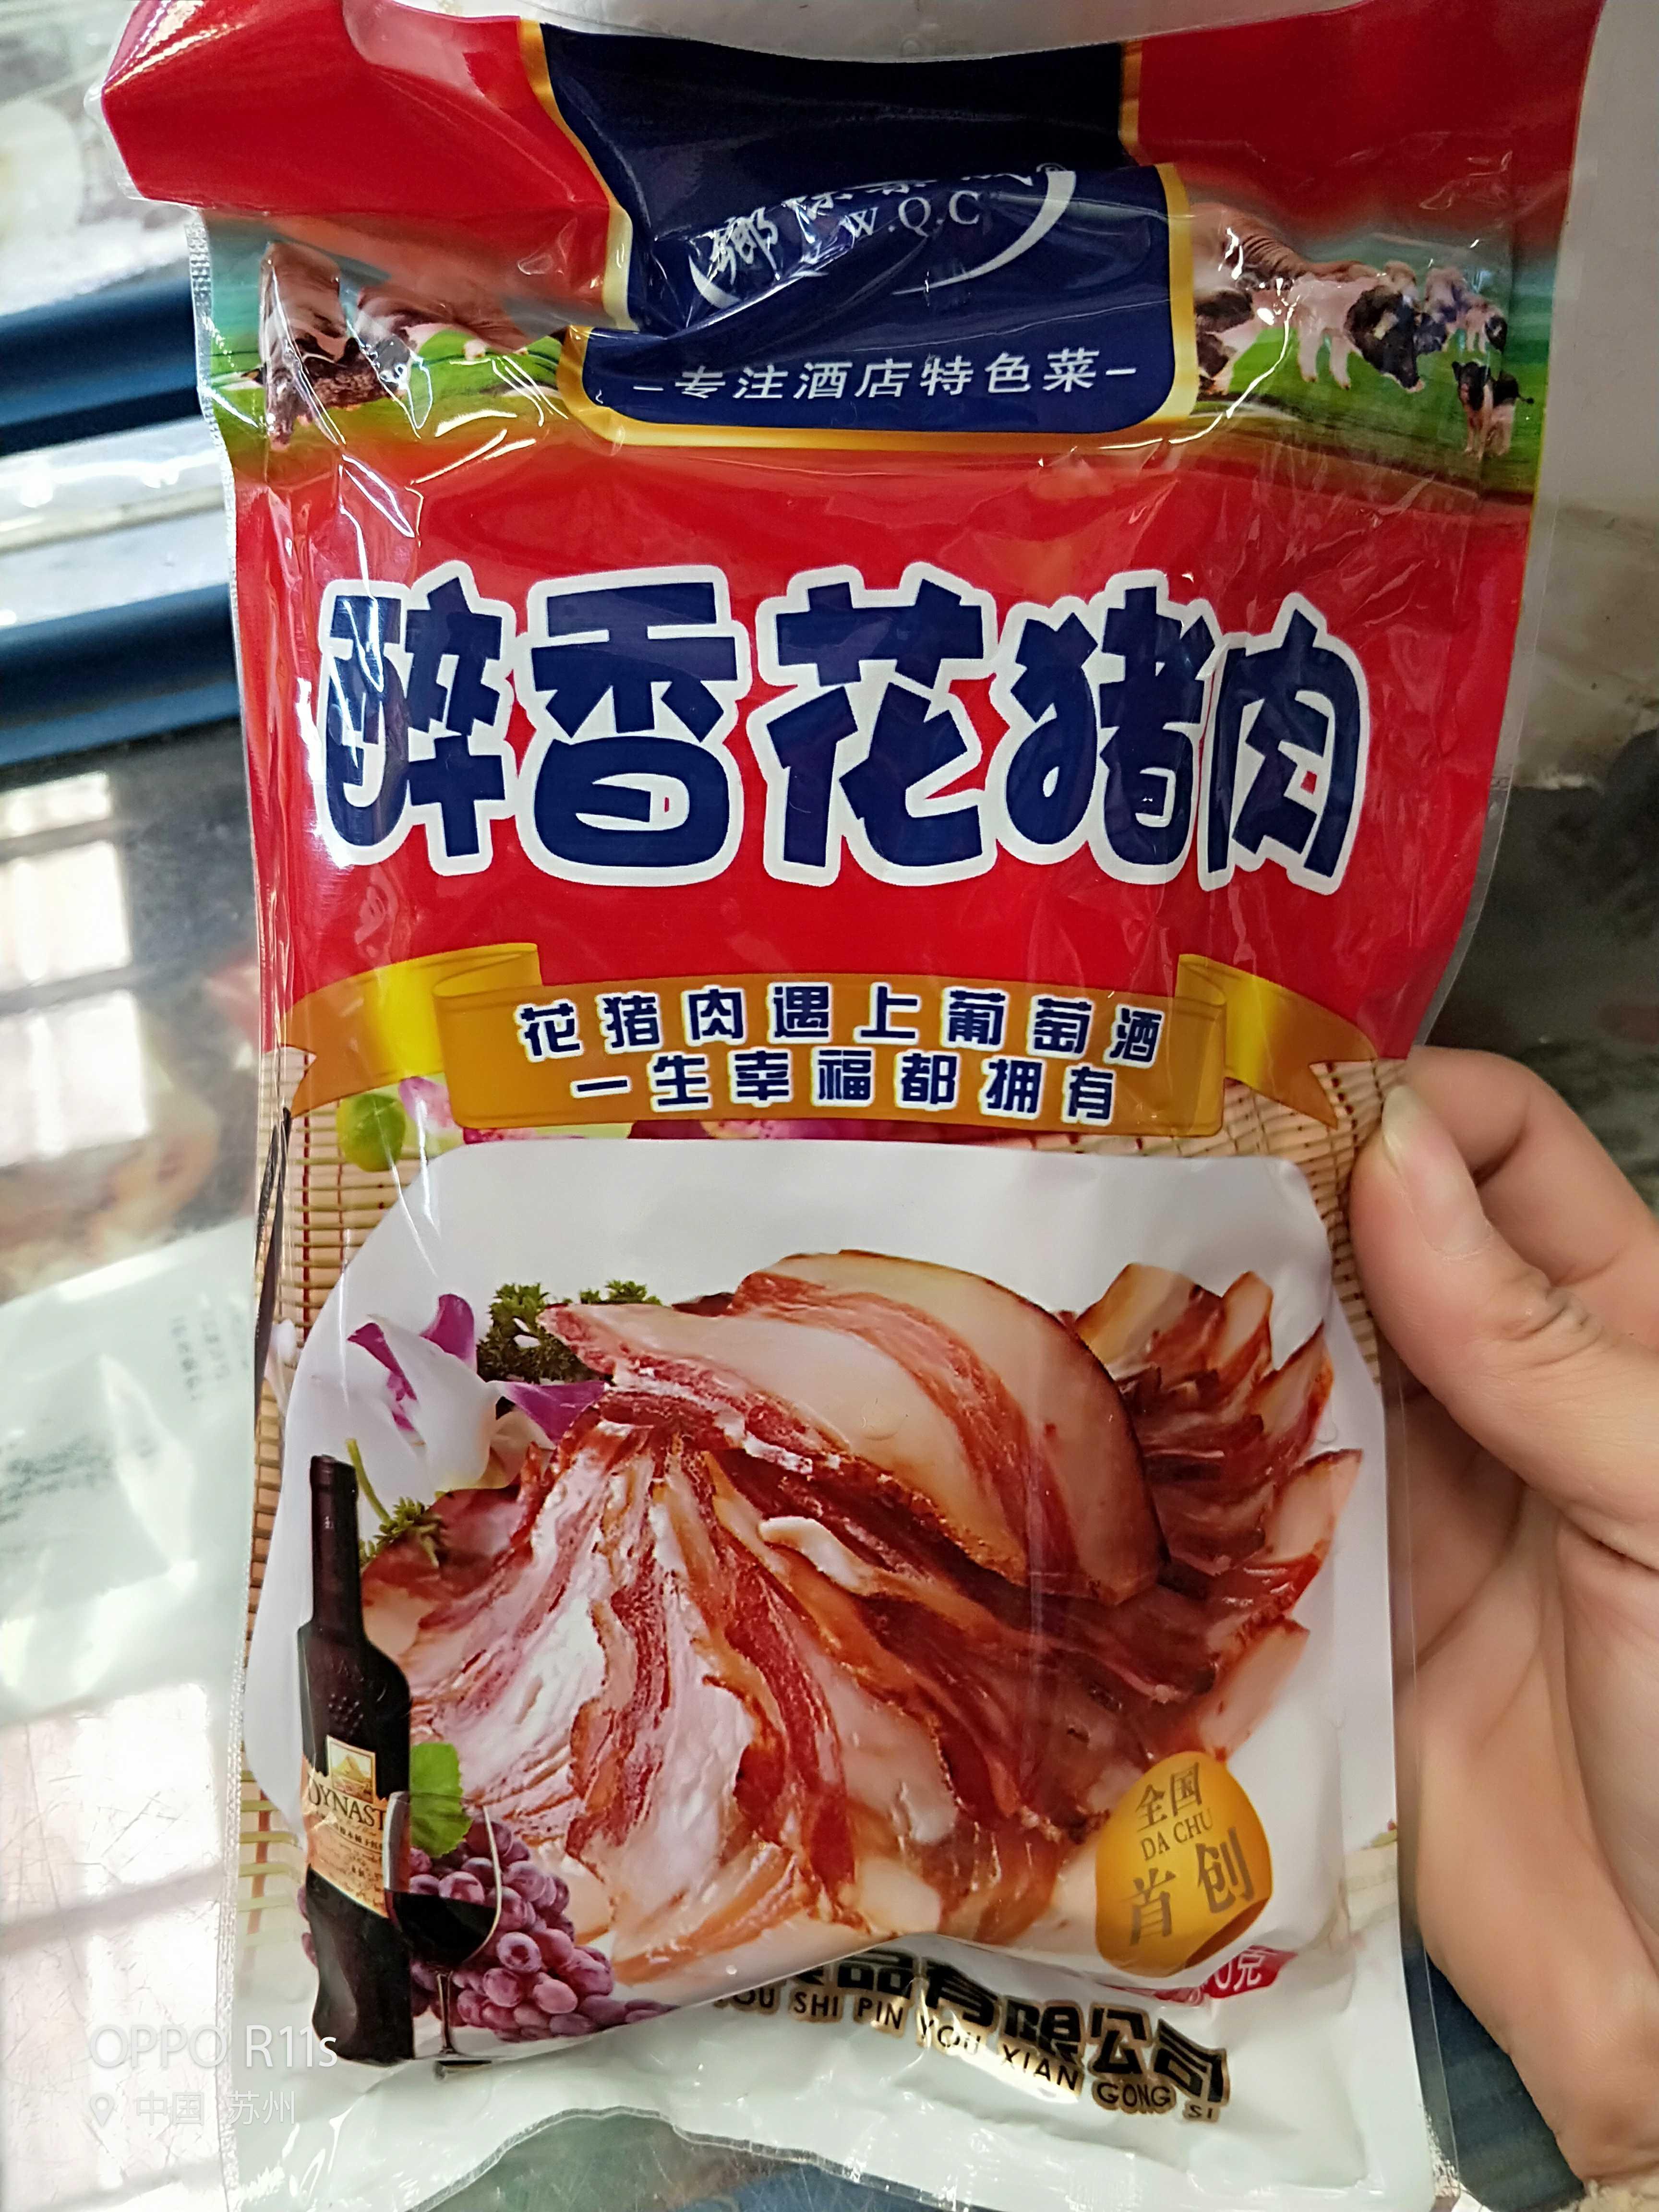 乡味渠成醉香花猪肉500克宁乡土特产湖南酒店特色菜宴席店长推荐